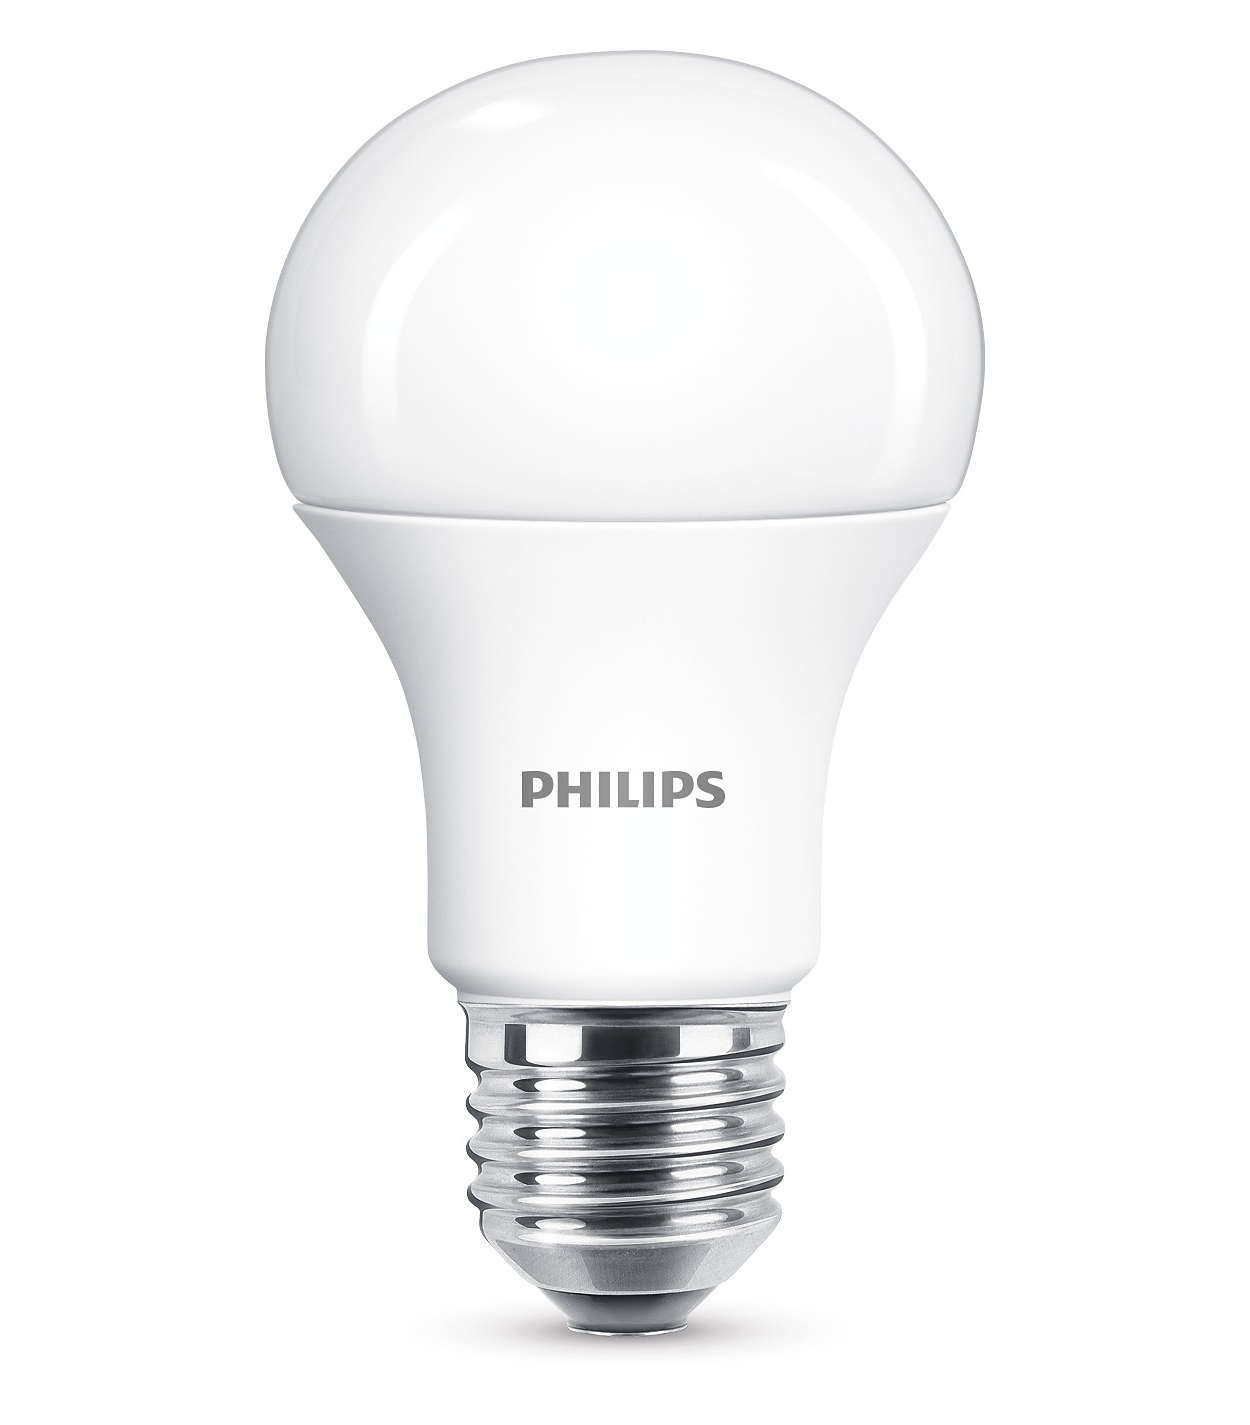 Fehér, ragyogó fény, minőségi kompromisszumok nélkül